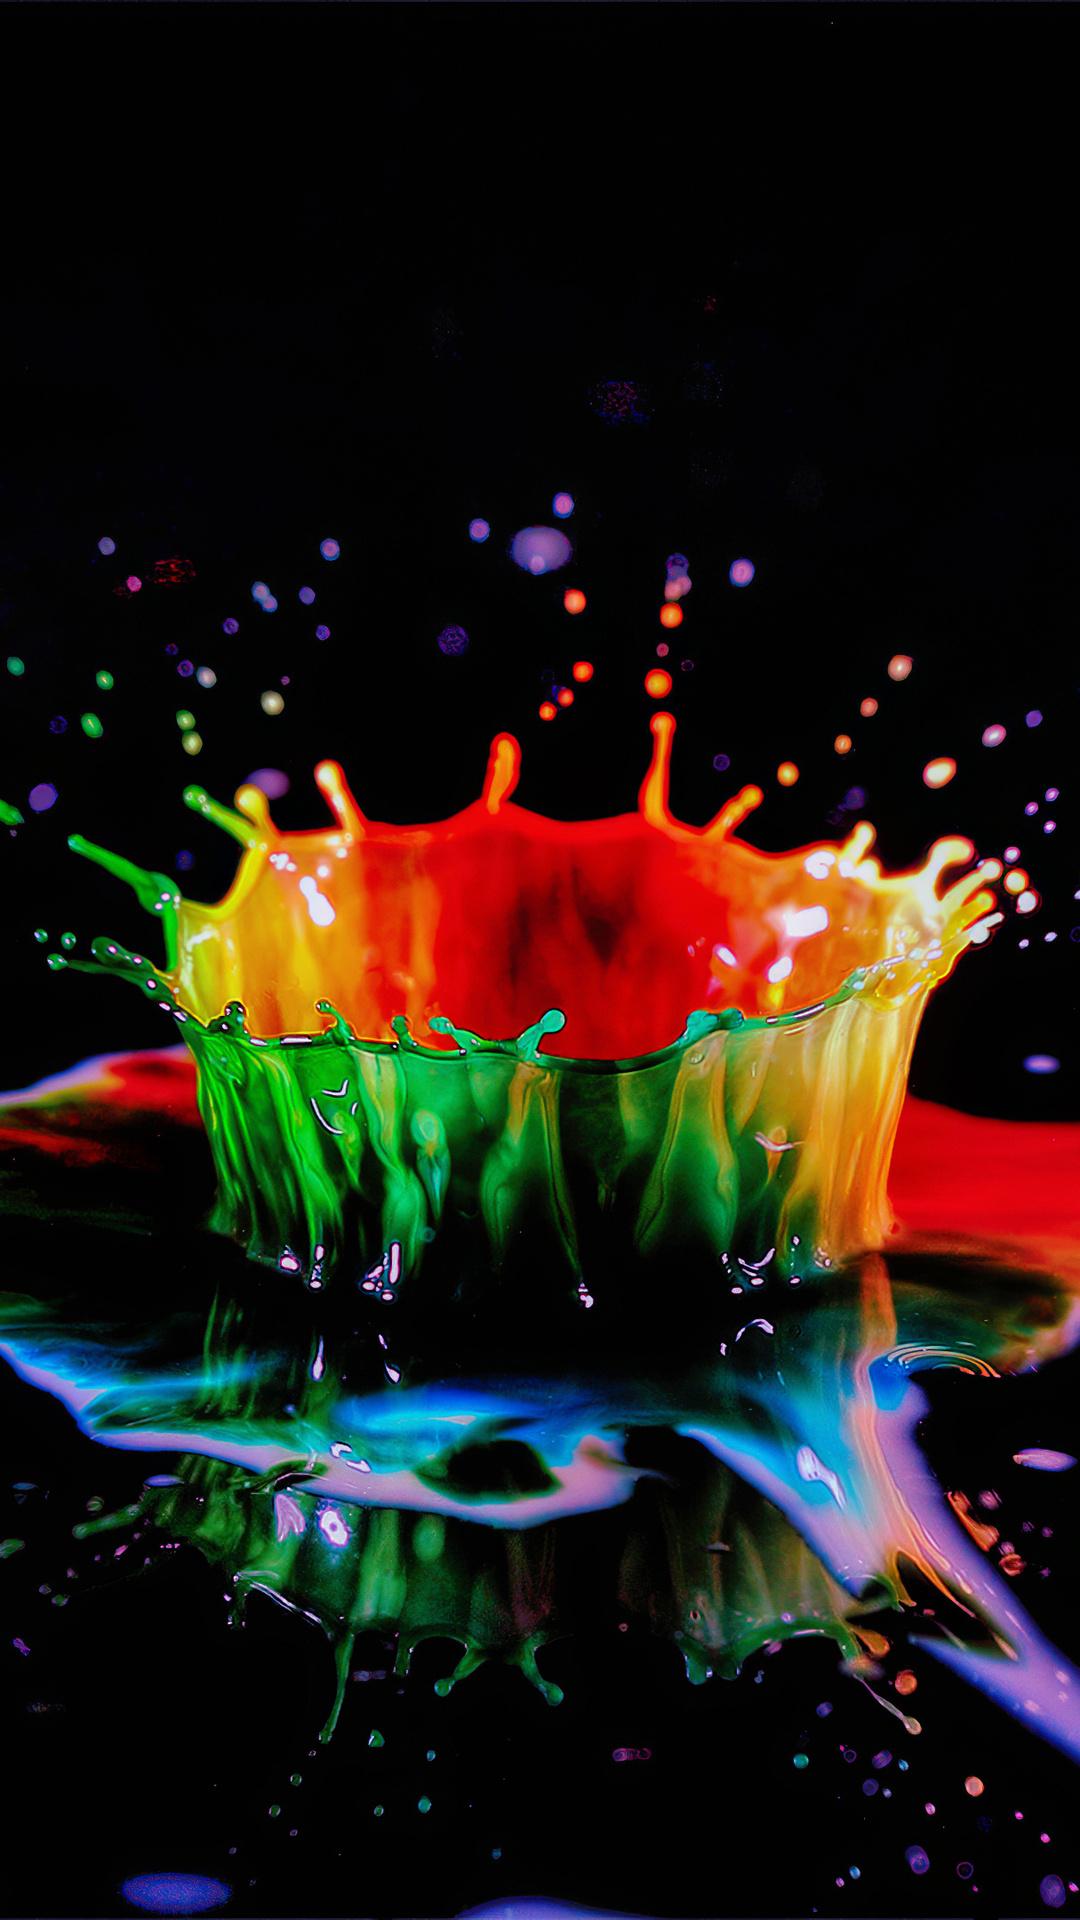 macro-splash-water-drop-4k-as.jpg